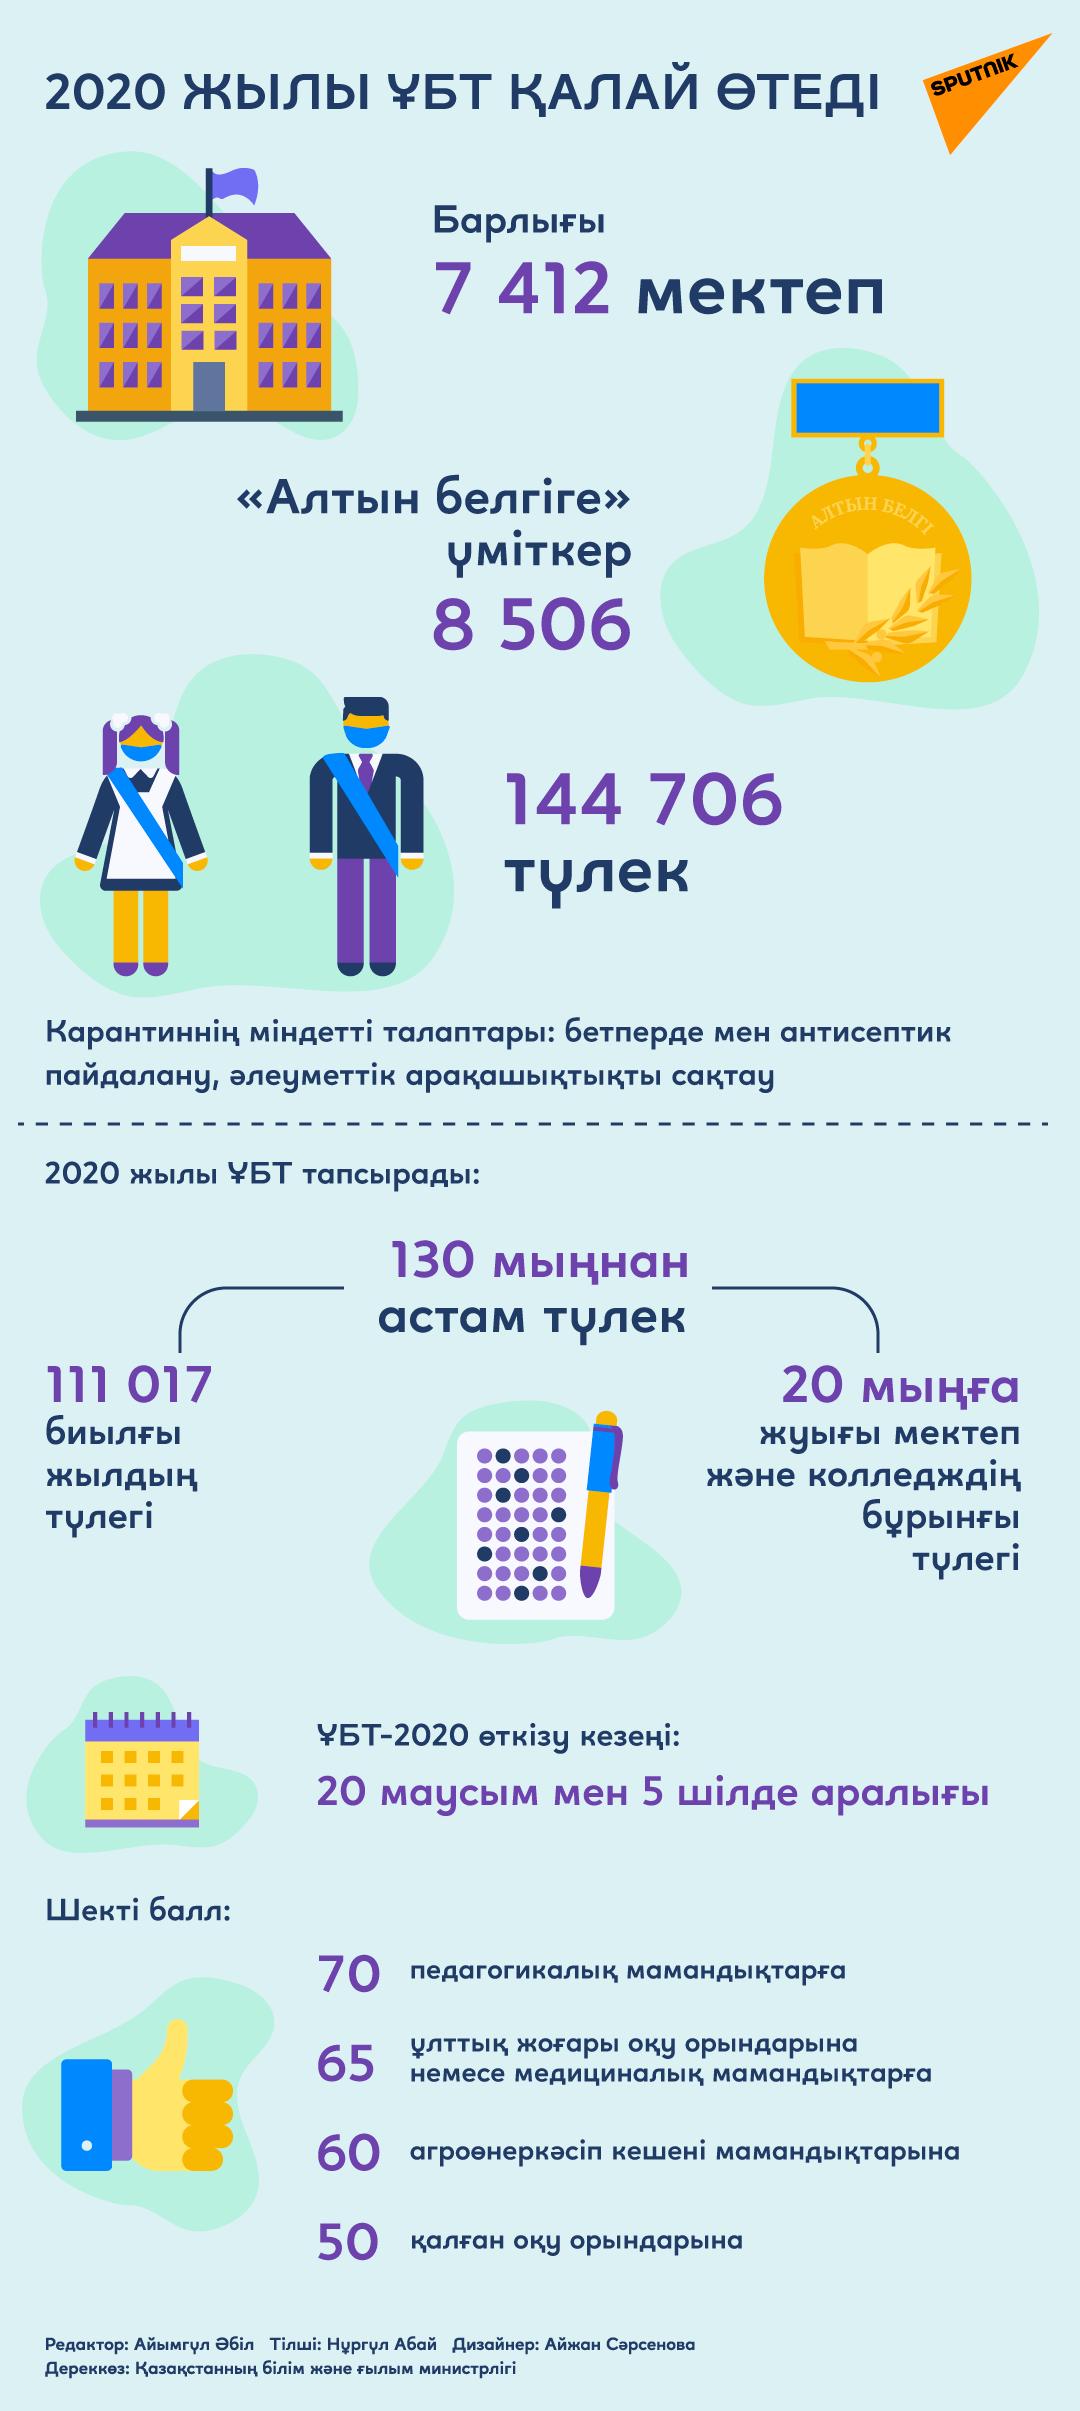 ҰБТ-2020: ережелері мен талаптары